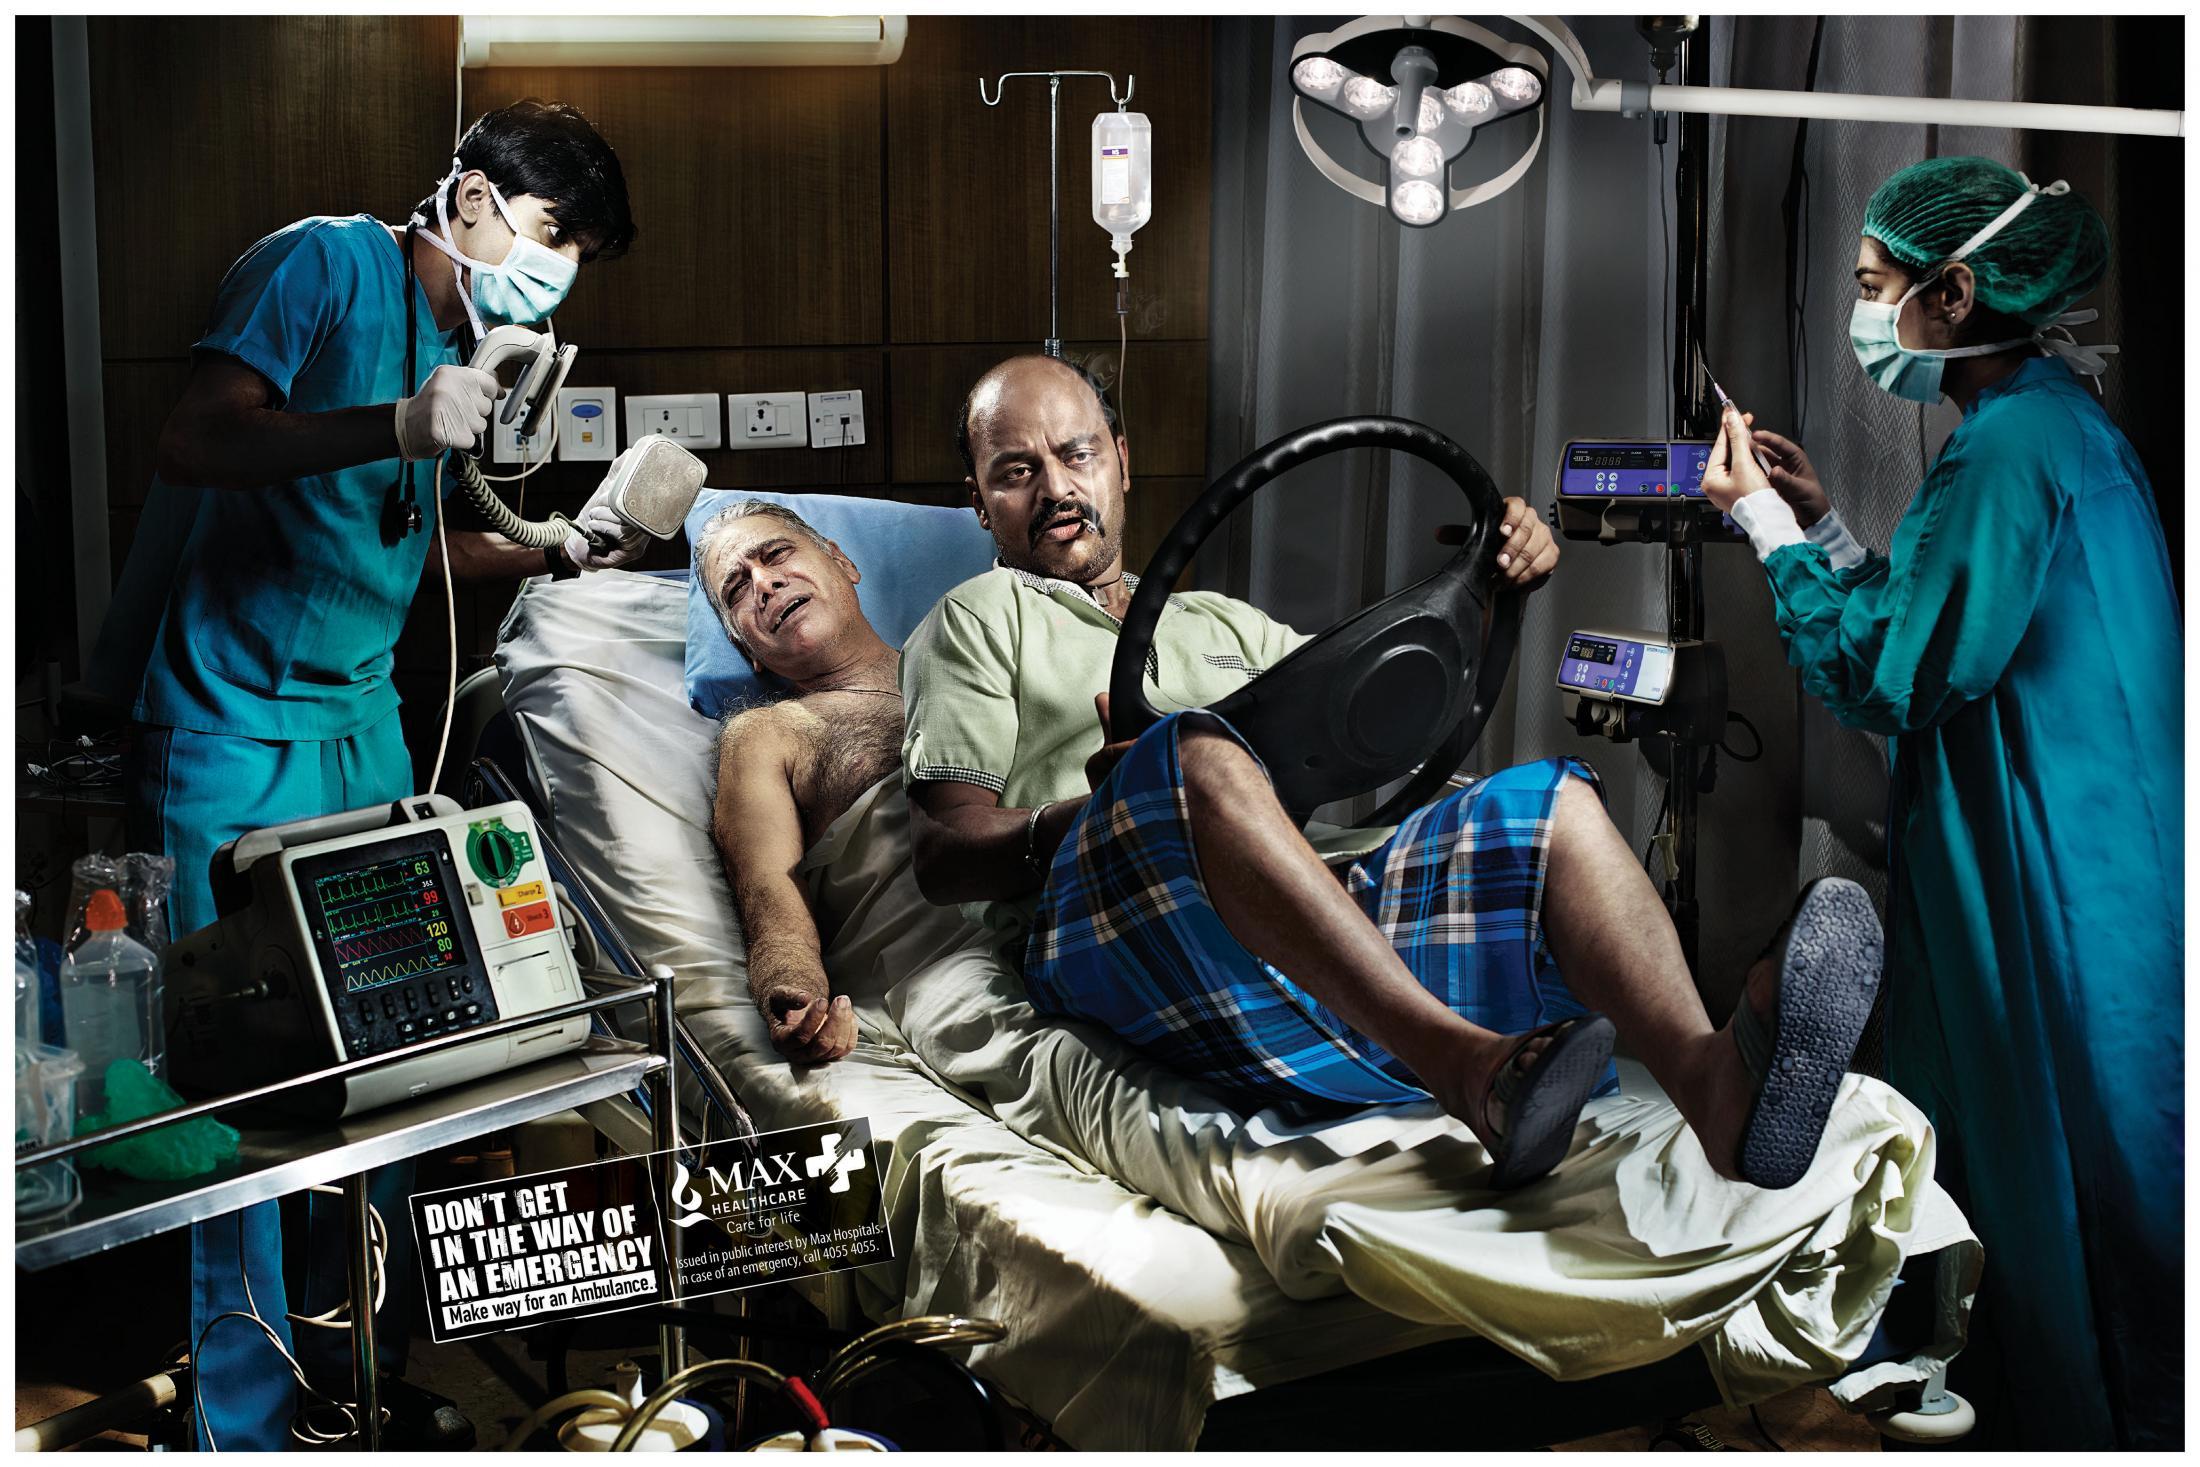 Max Healthcare Print Ad - Truck